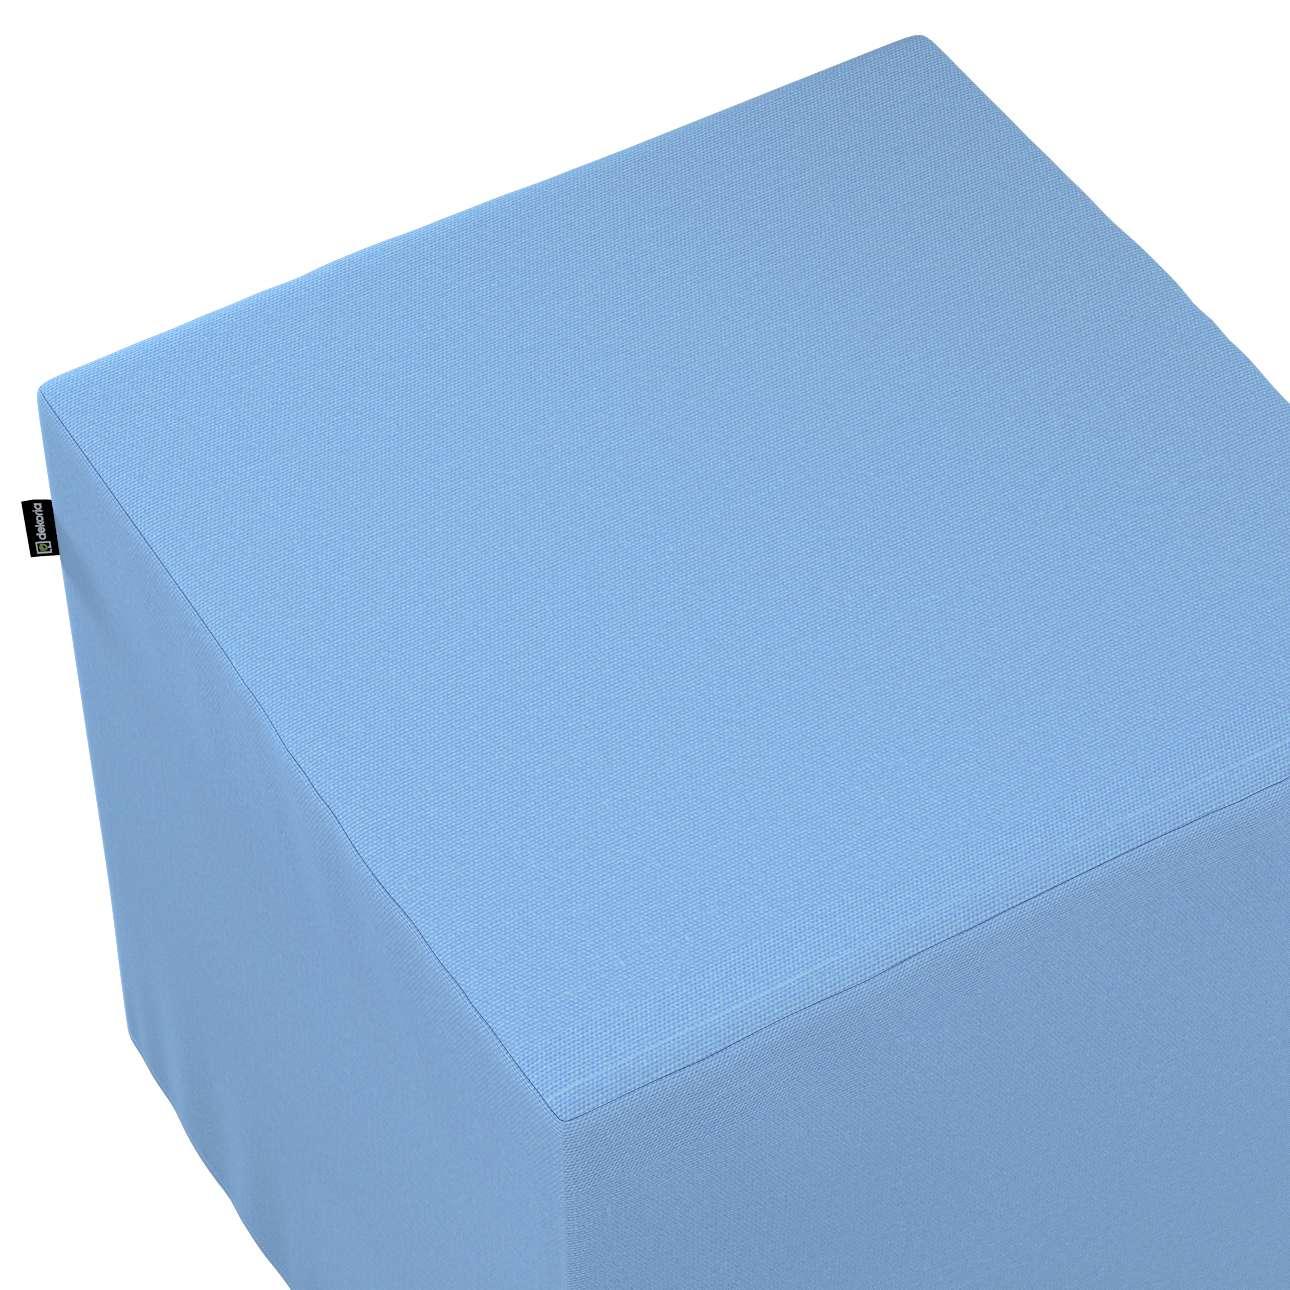 Sitzwürfel von der Kollektion Loneta, Stoff: 133-21